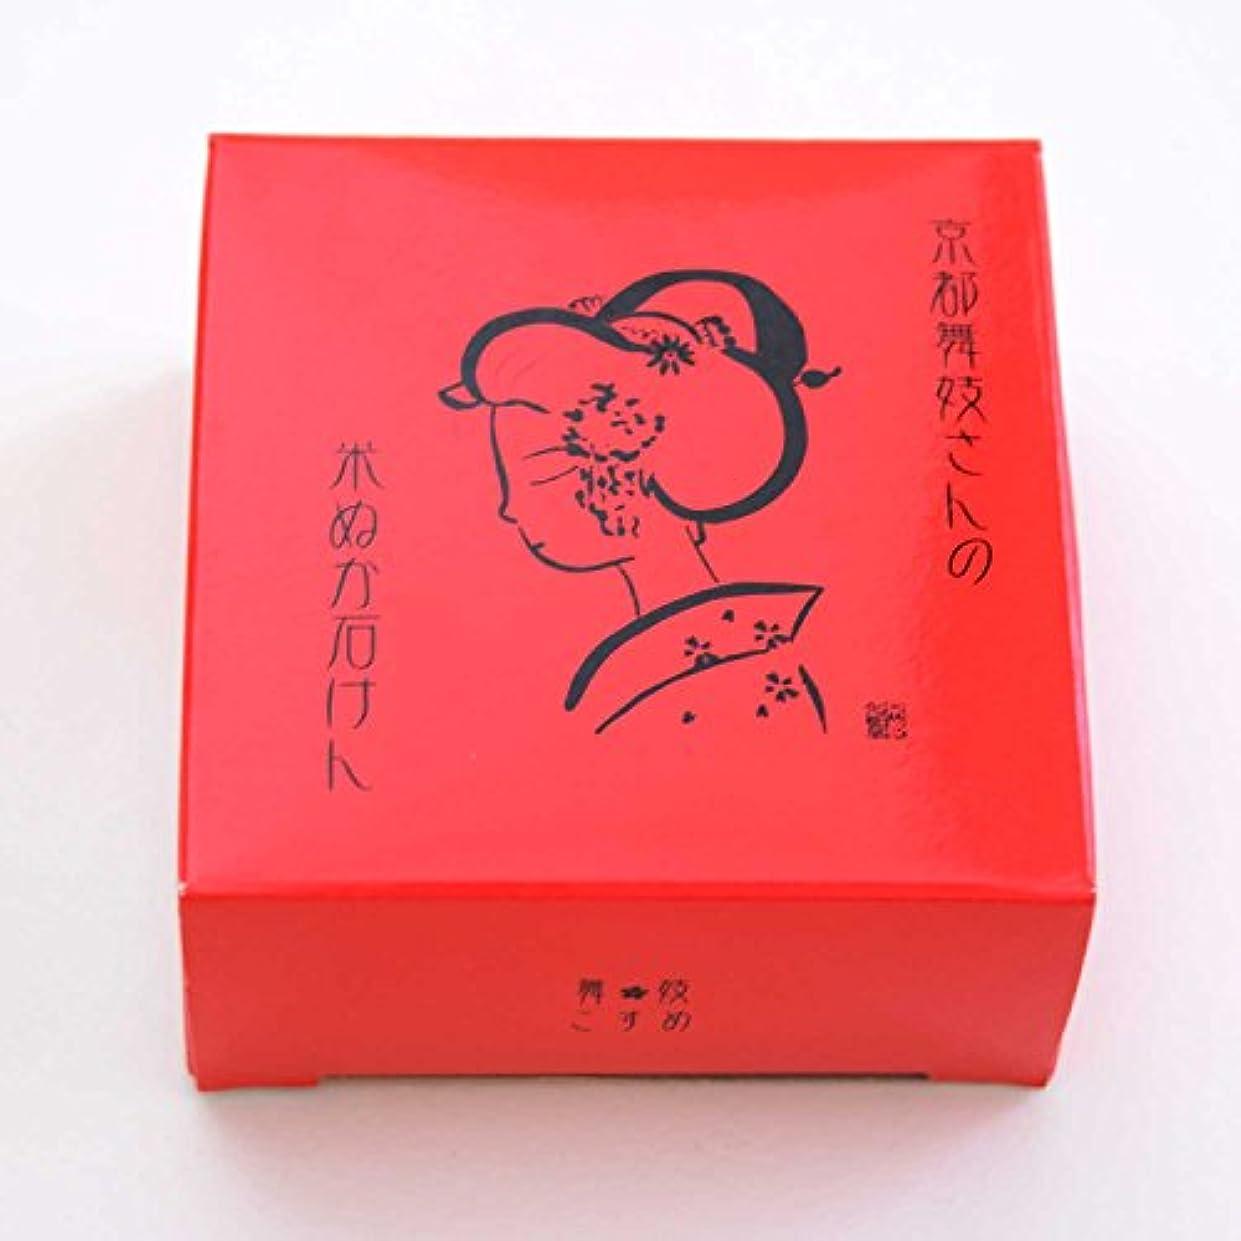 アーカイブの量大量京都限定 舞妓さんの米ぬか石鹸 米ぬかエキス配合 無香料 無着色